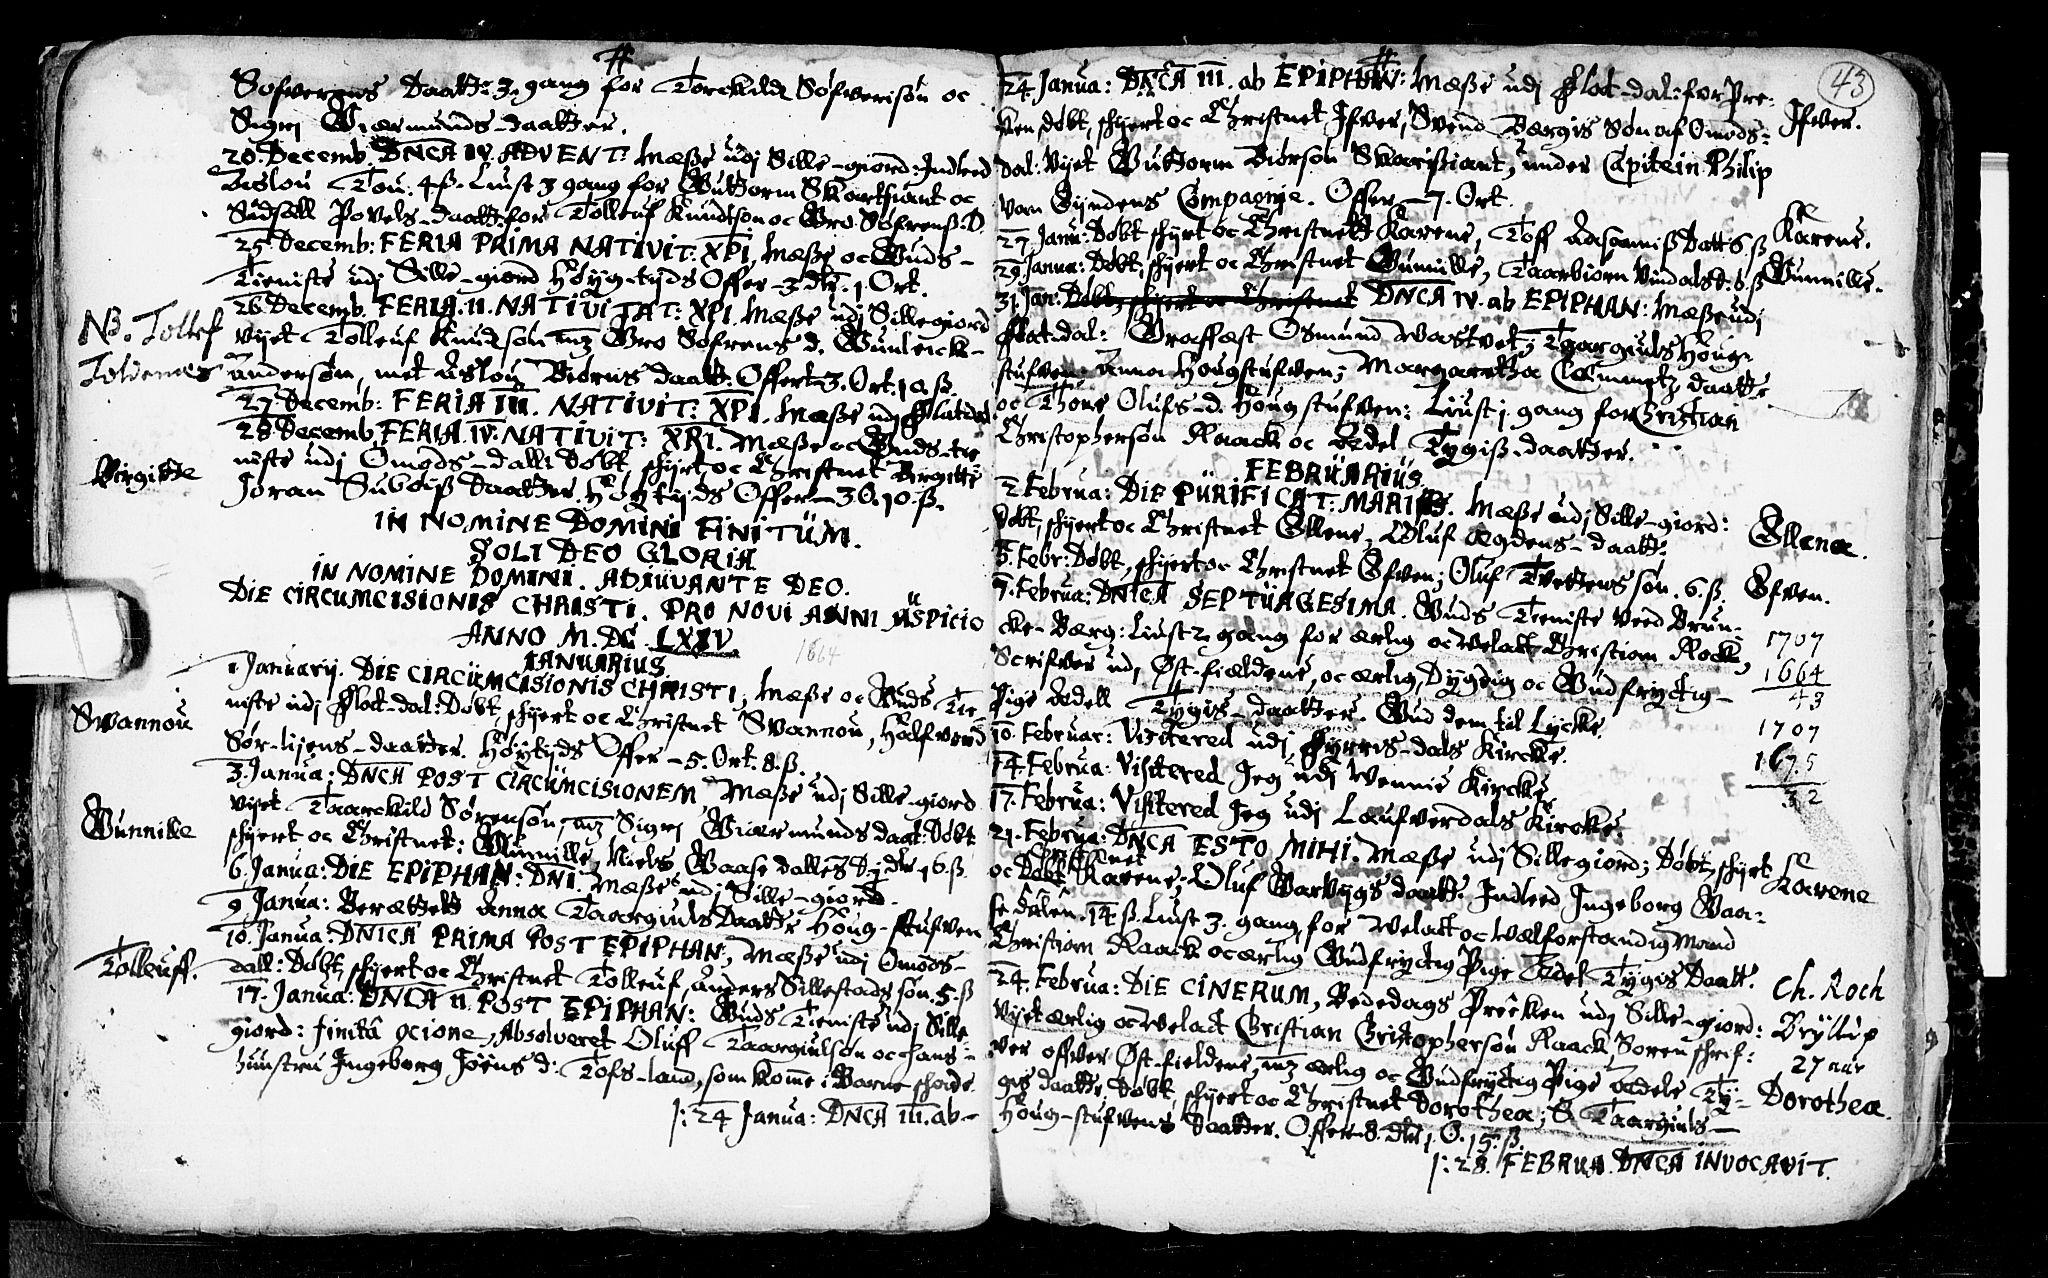 SAKO, Seljord kirkebøker, F/Fa/L0001: Ministerialbok nr. I 1, 1654-1686, s. 43